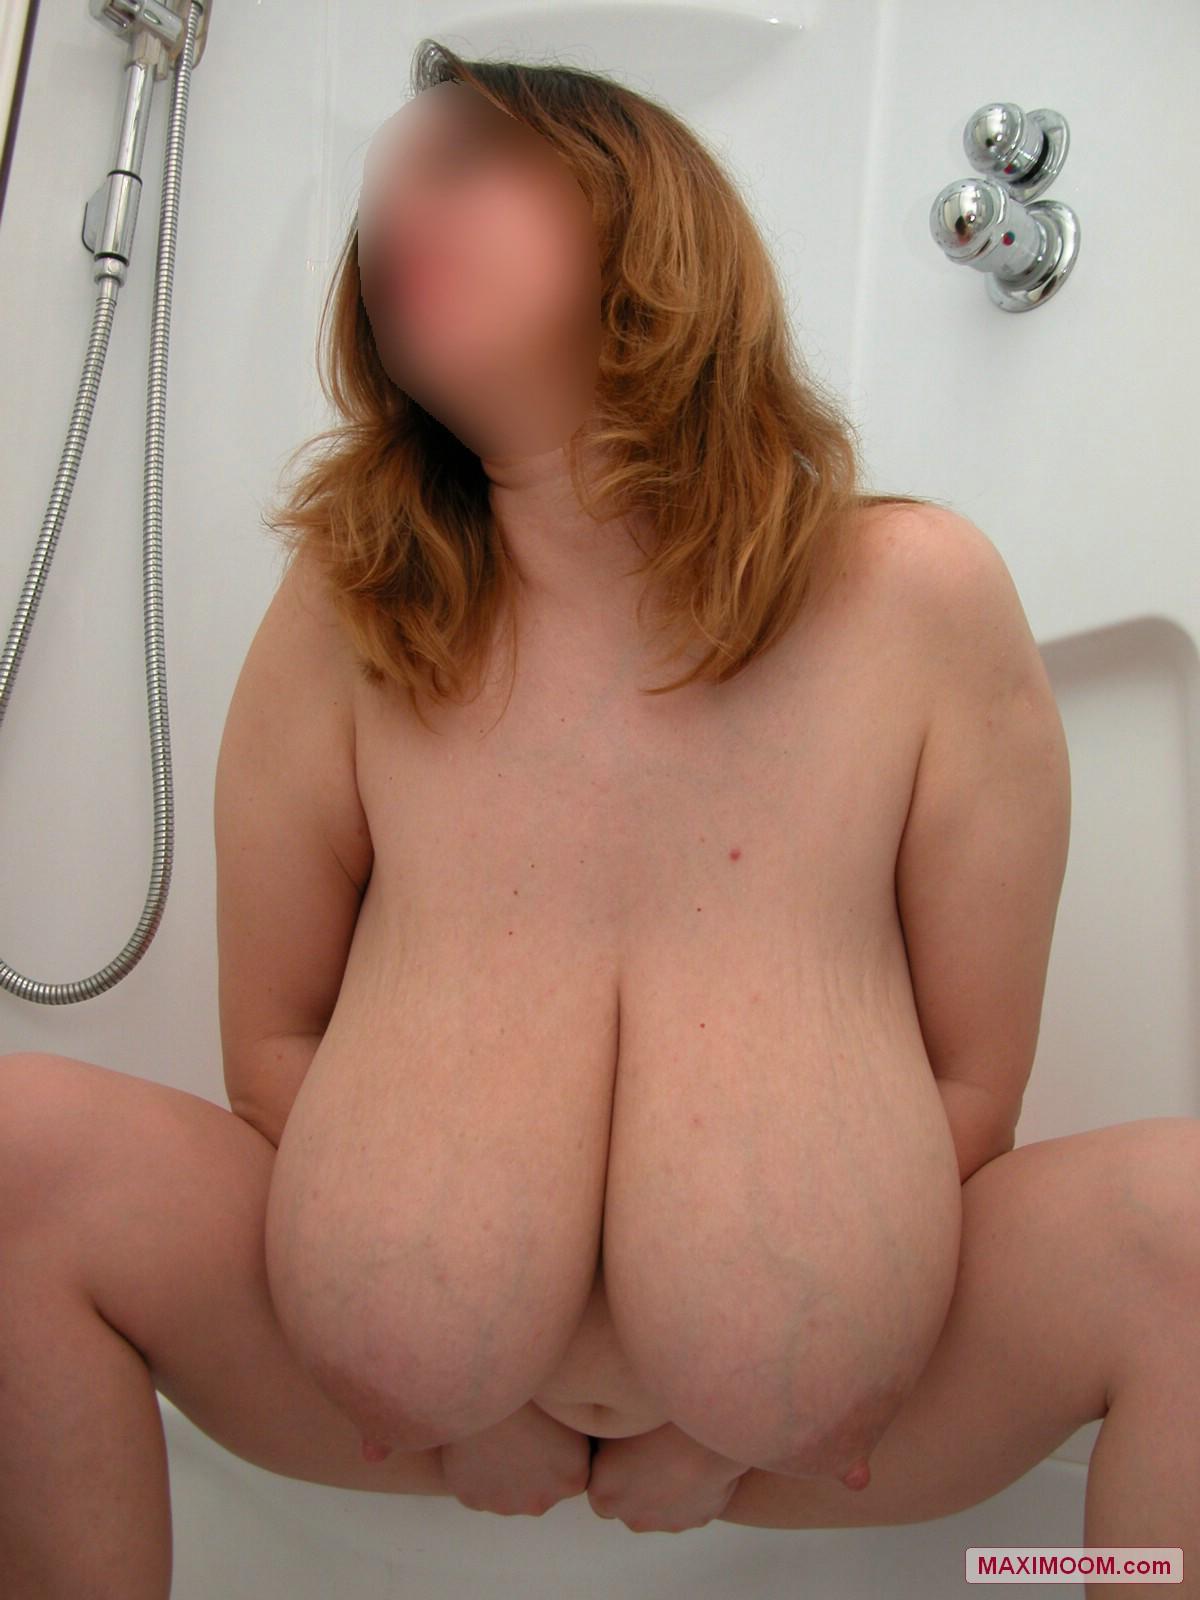 Huge Natural Tits Lactating HQ BOOBS Lactating: